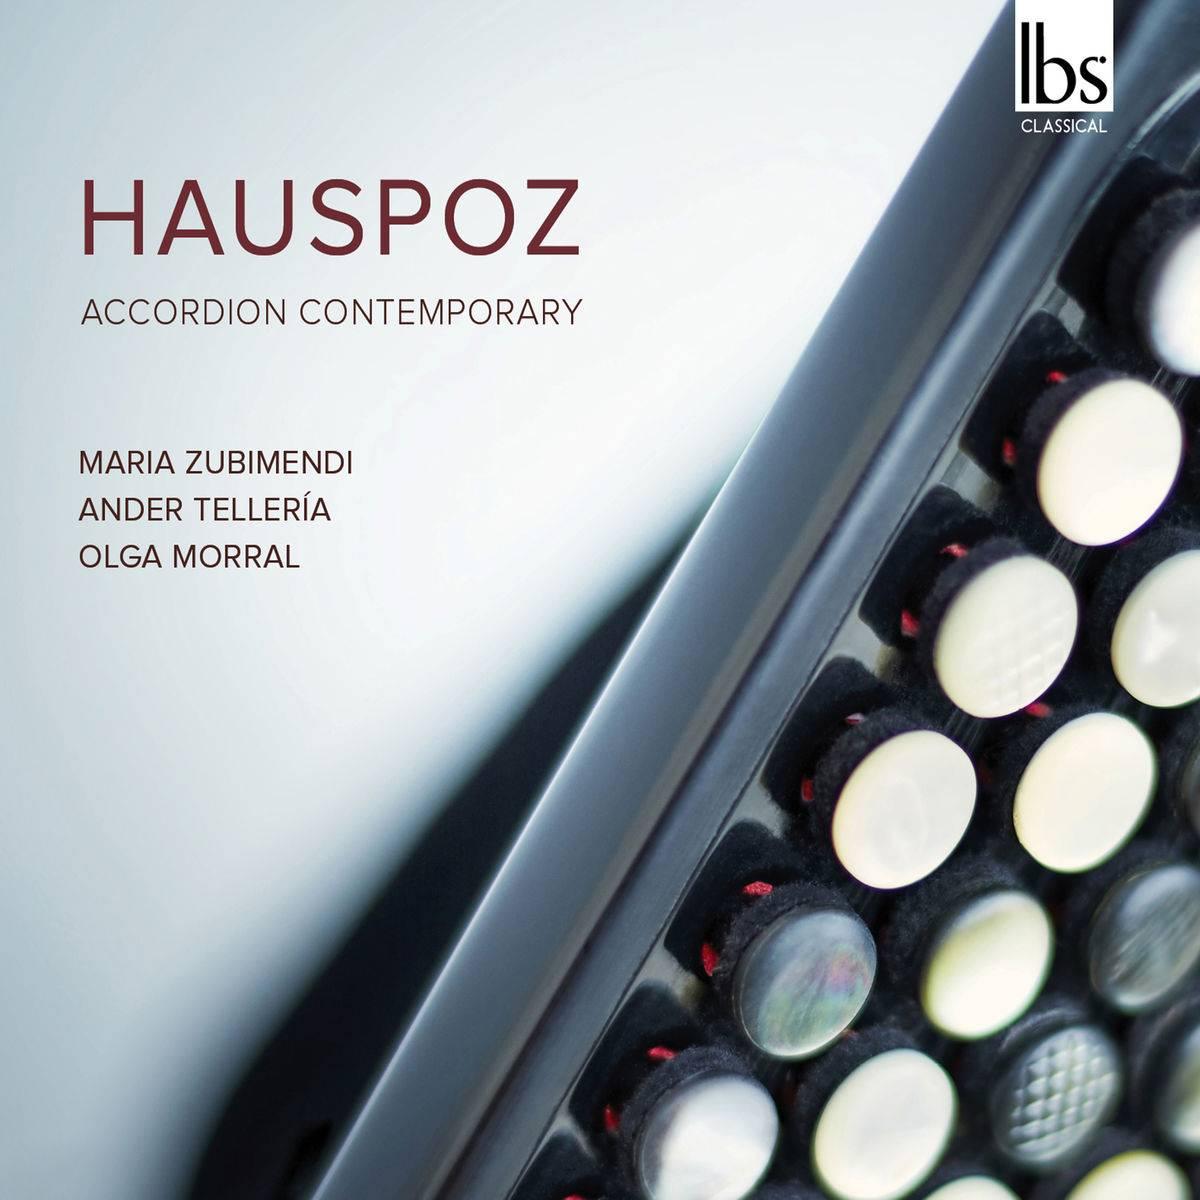 María Zubimendi de la Hoz, Ander Tellería & Olga Morral - Hauspoz: Accordion Contemporary (2018)